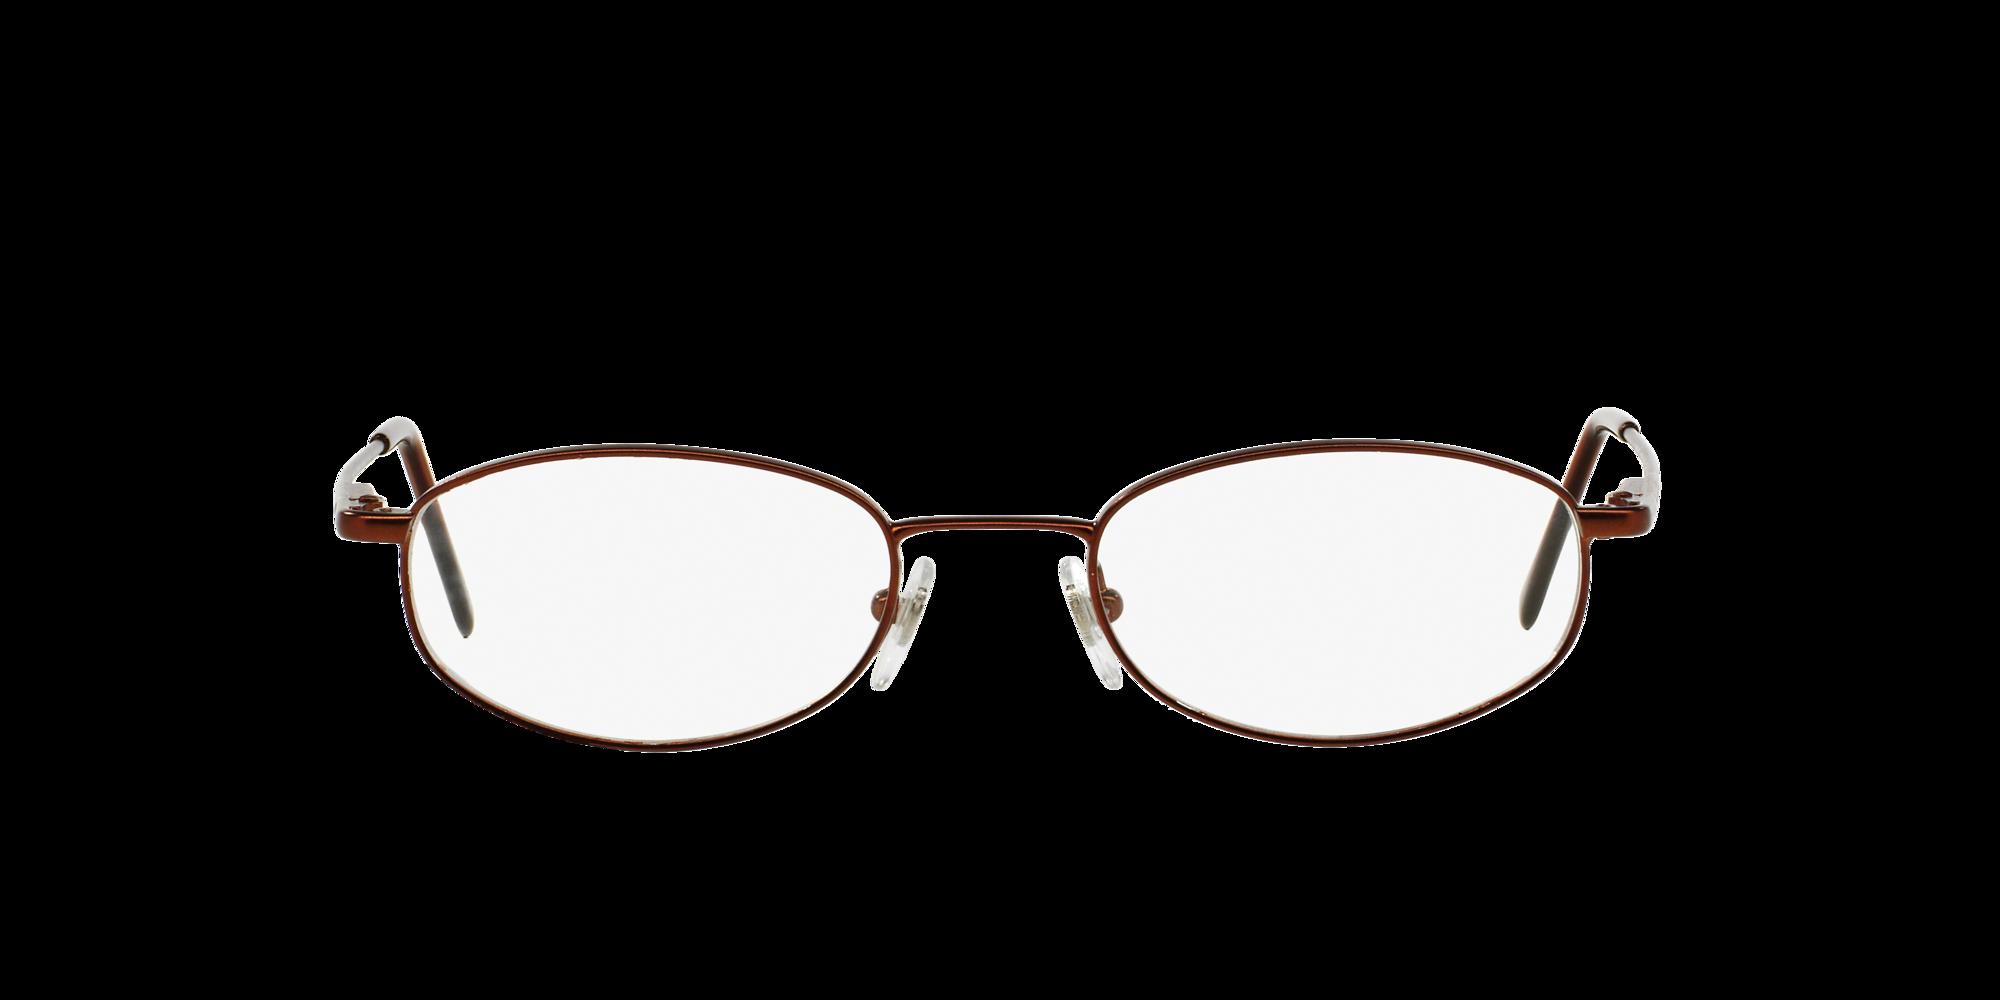 Imagen para BB 491 de LensCrafters |  Espejuelos, espejuelos graduados en línea, gafas